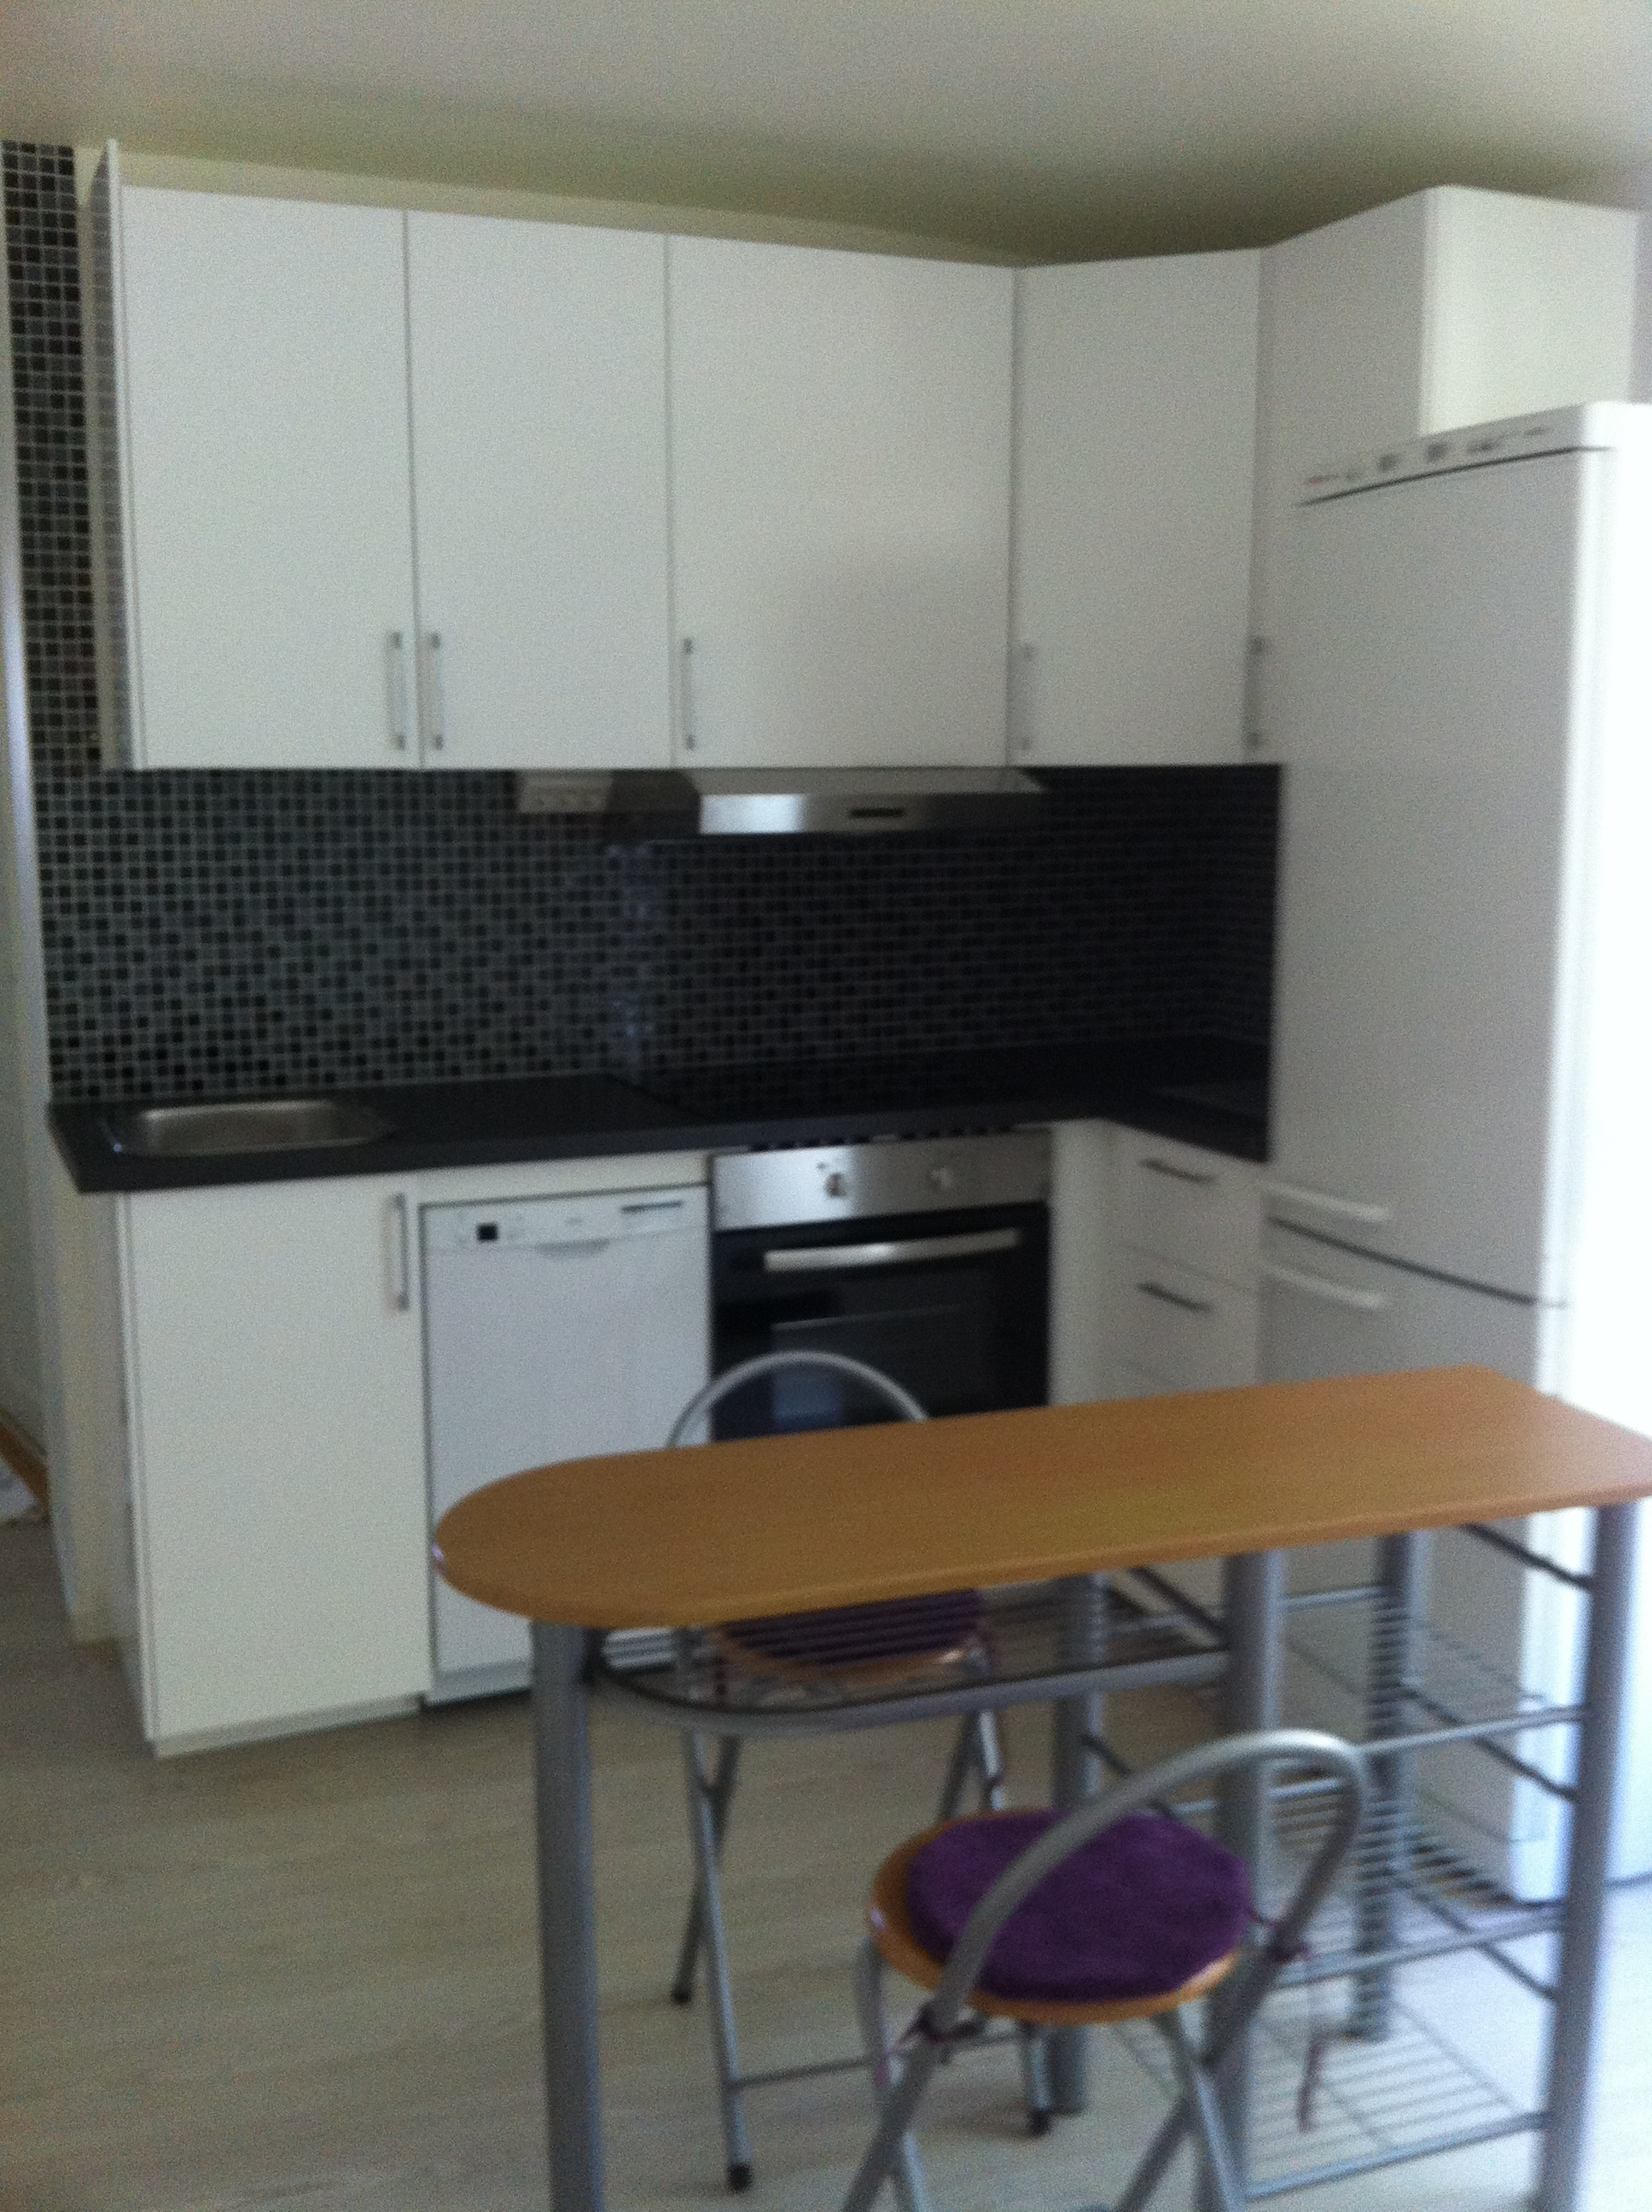 2 rok lägenhet vid villa uthyres